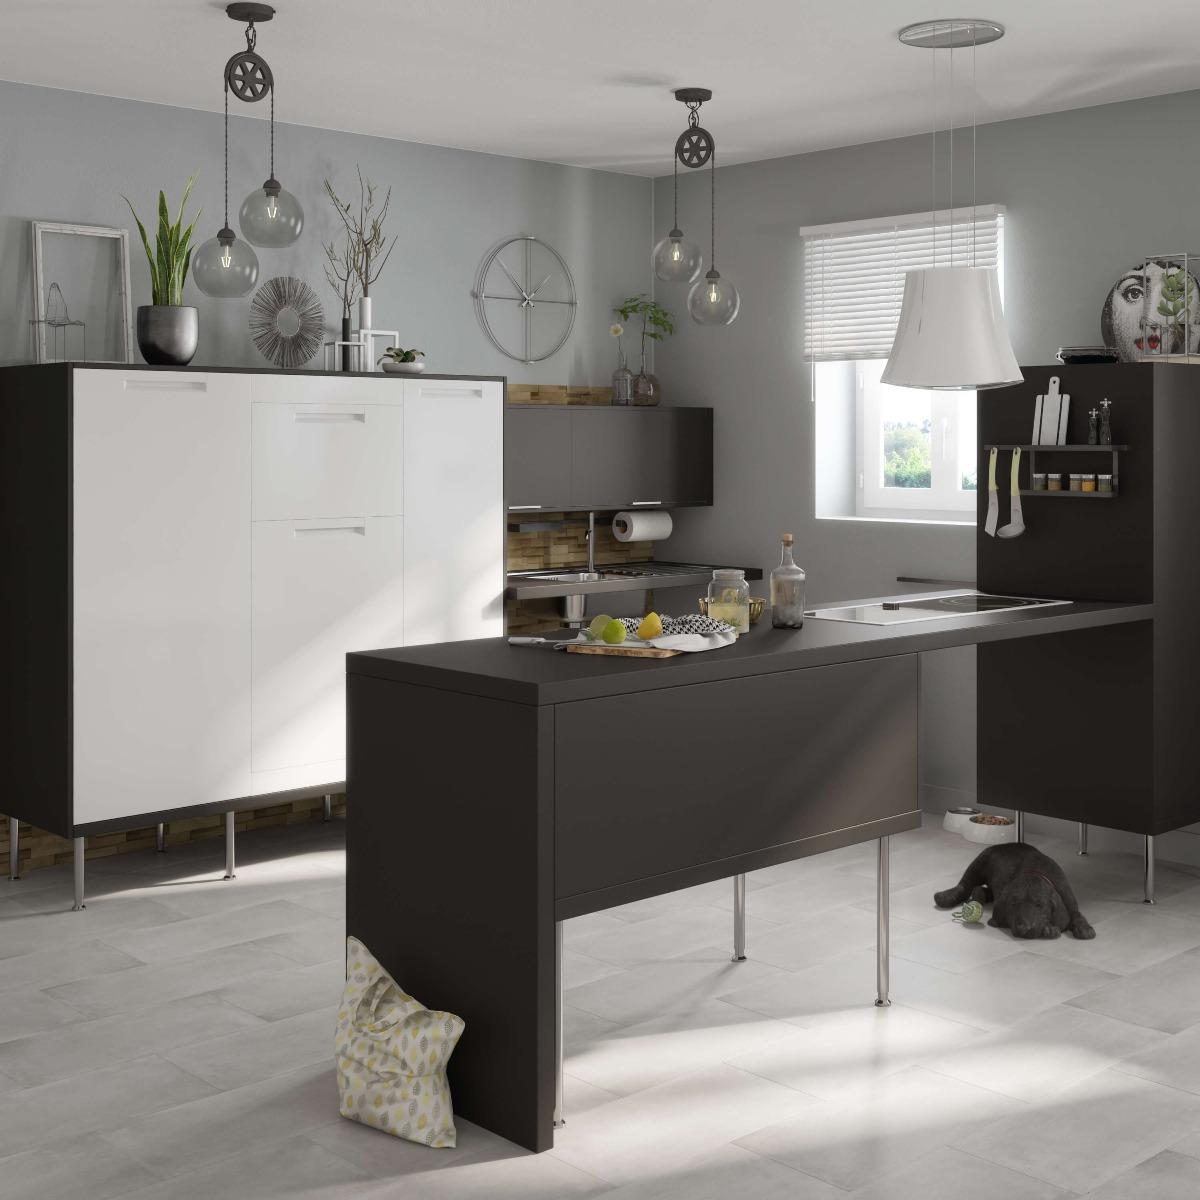 Delinia Evora White Designer Kitchen Mobi - Example 5